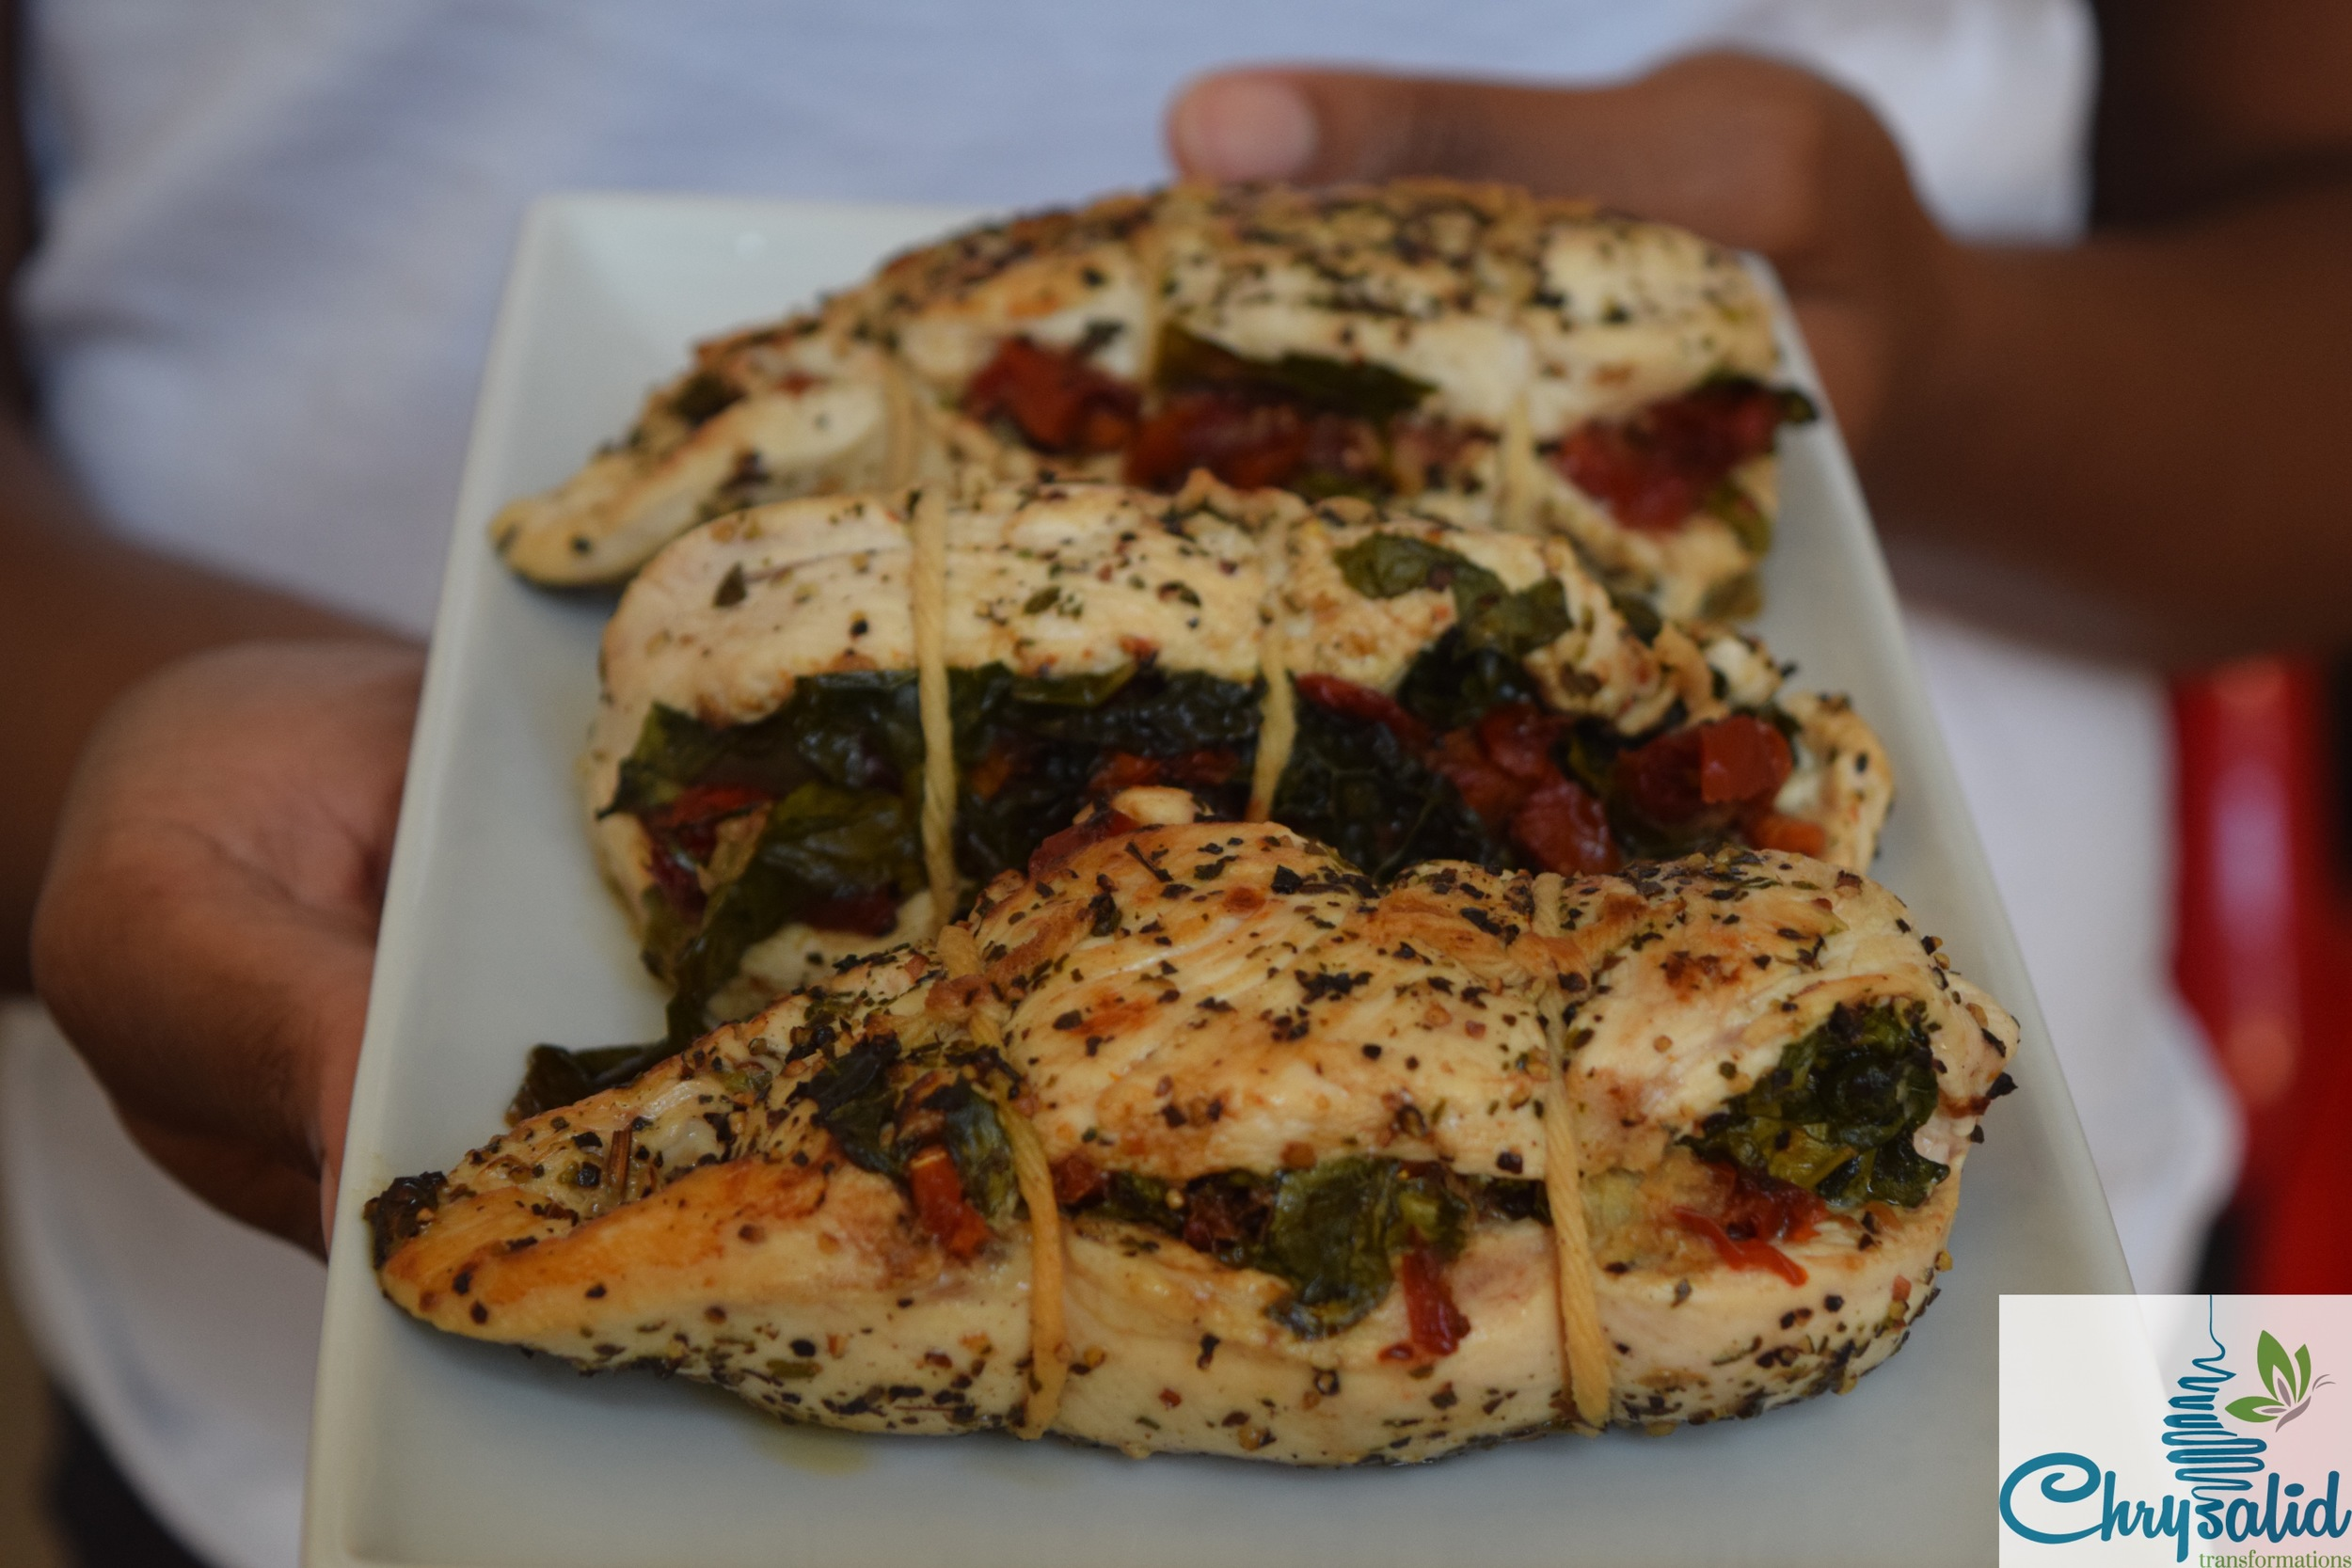 Chicken Breast Stuffed w/ Kale & Sun Toms.jpg